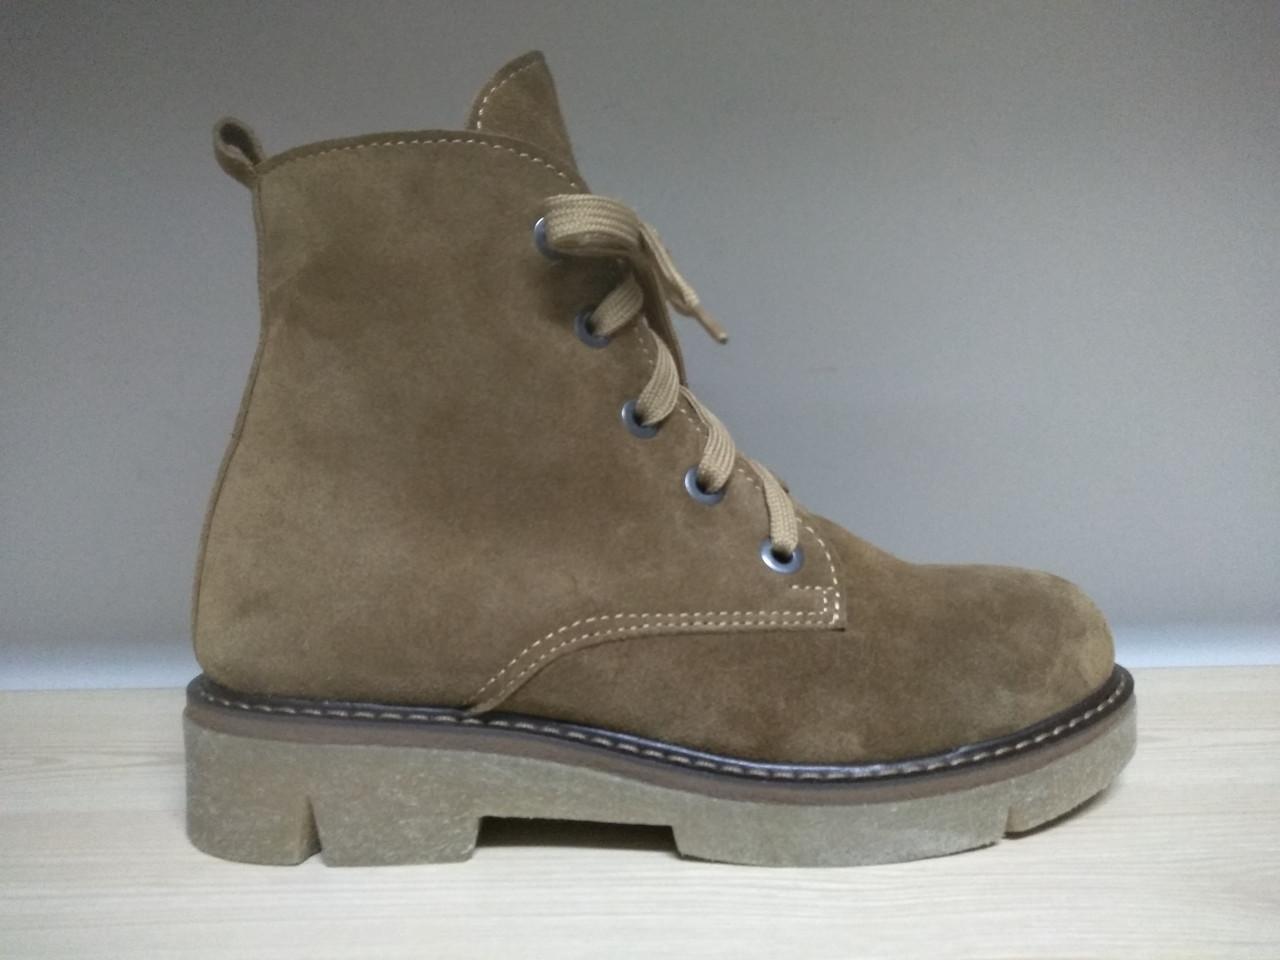 1db4f0dcb Женские замшевые ботинки в стиле Timberland (Зима) - Магазин женской и  мужской обуви ЧЕРЕВИЧКИ